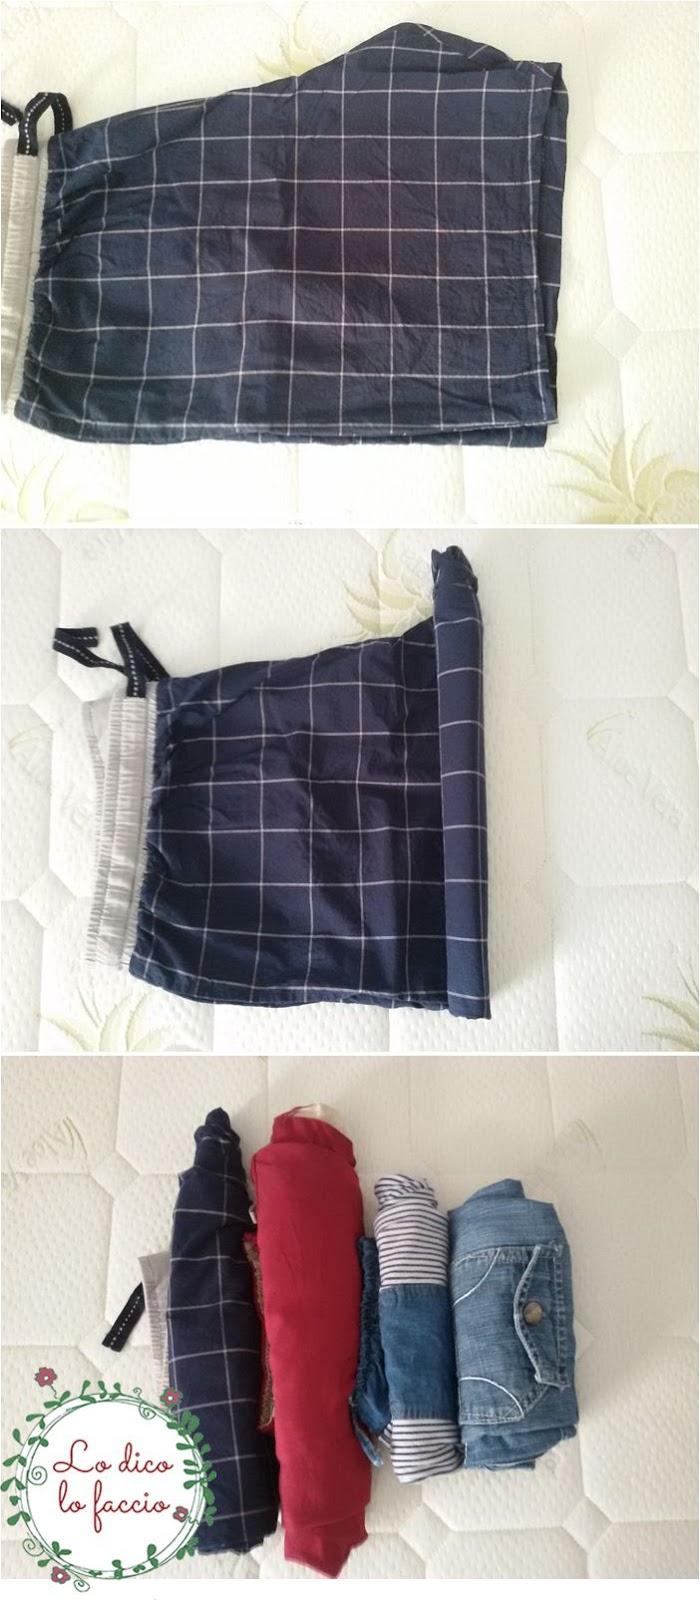 come piegare pantaloni per la valigia